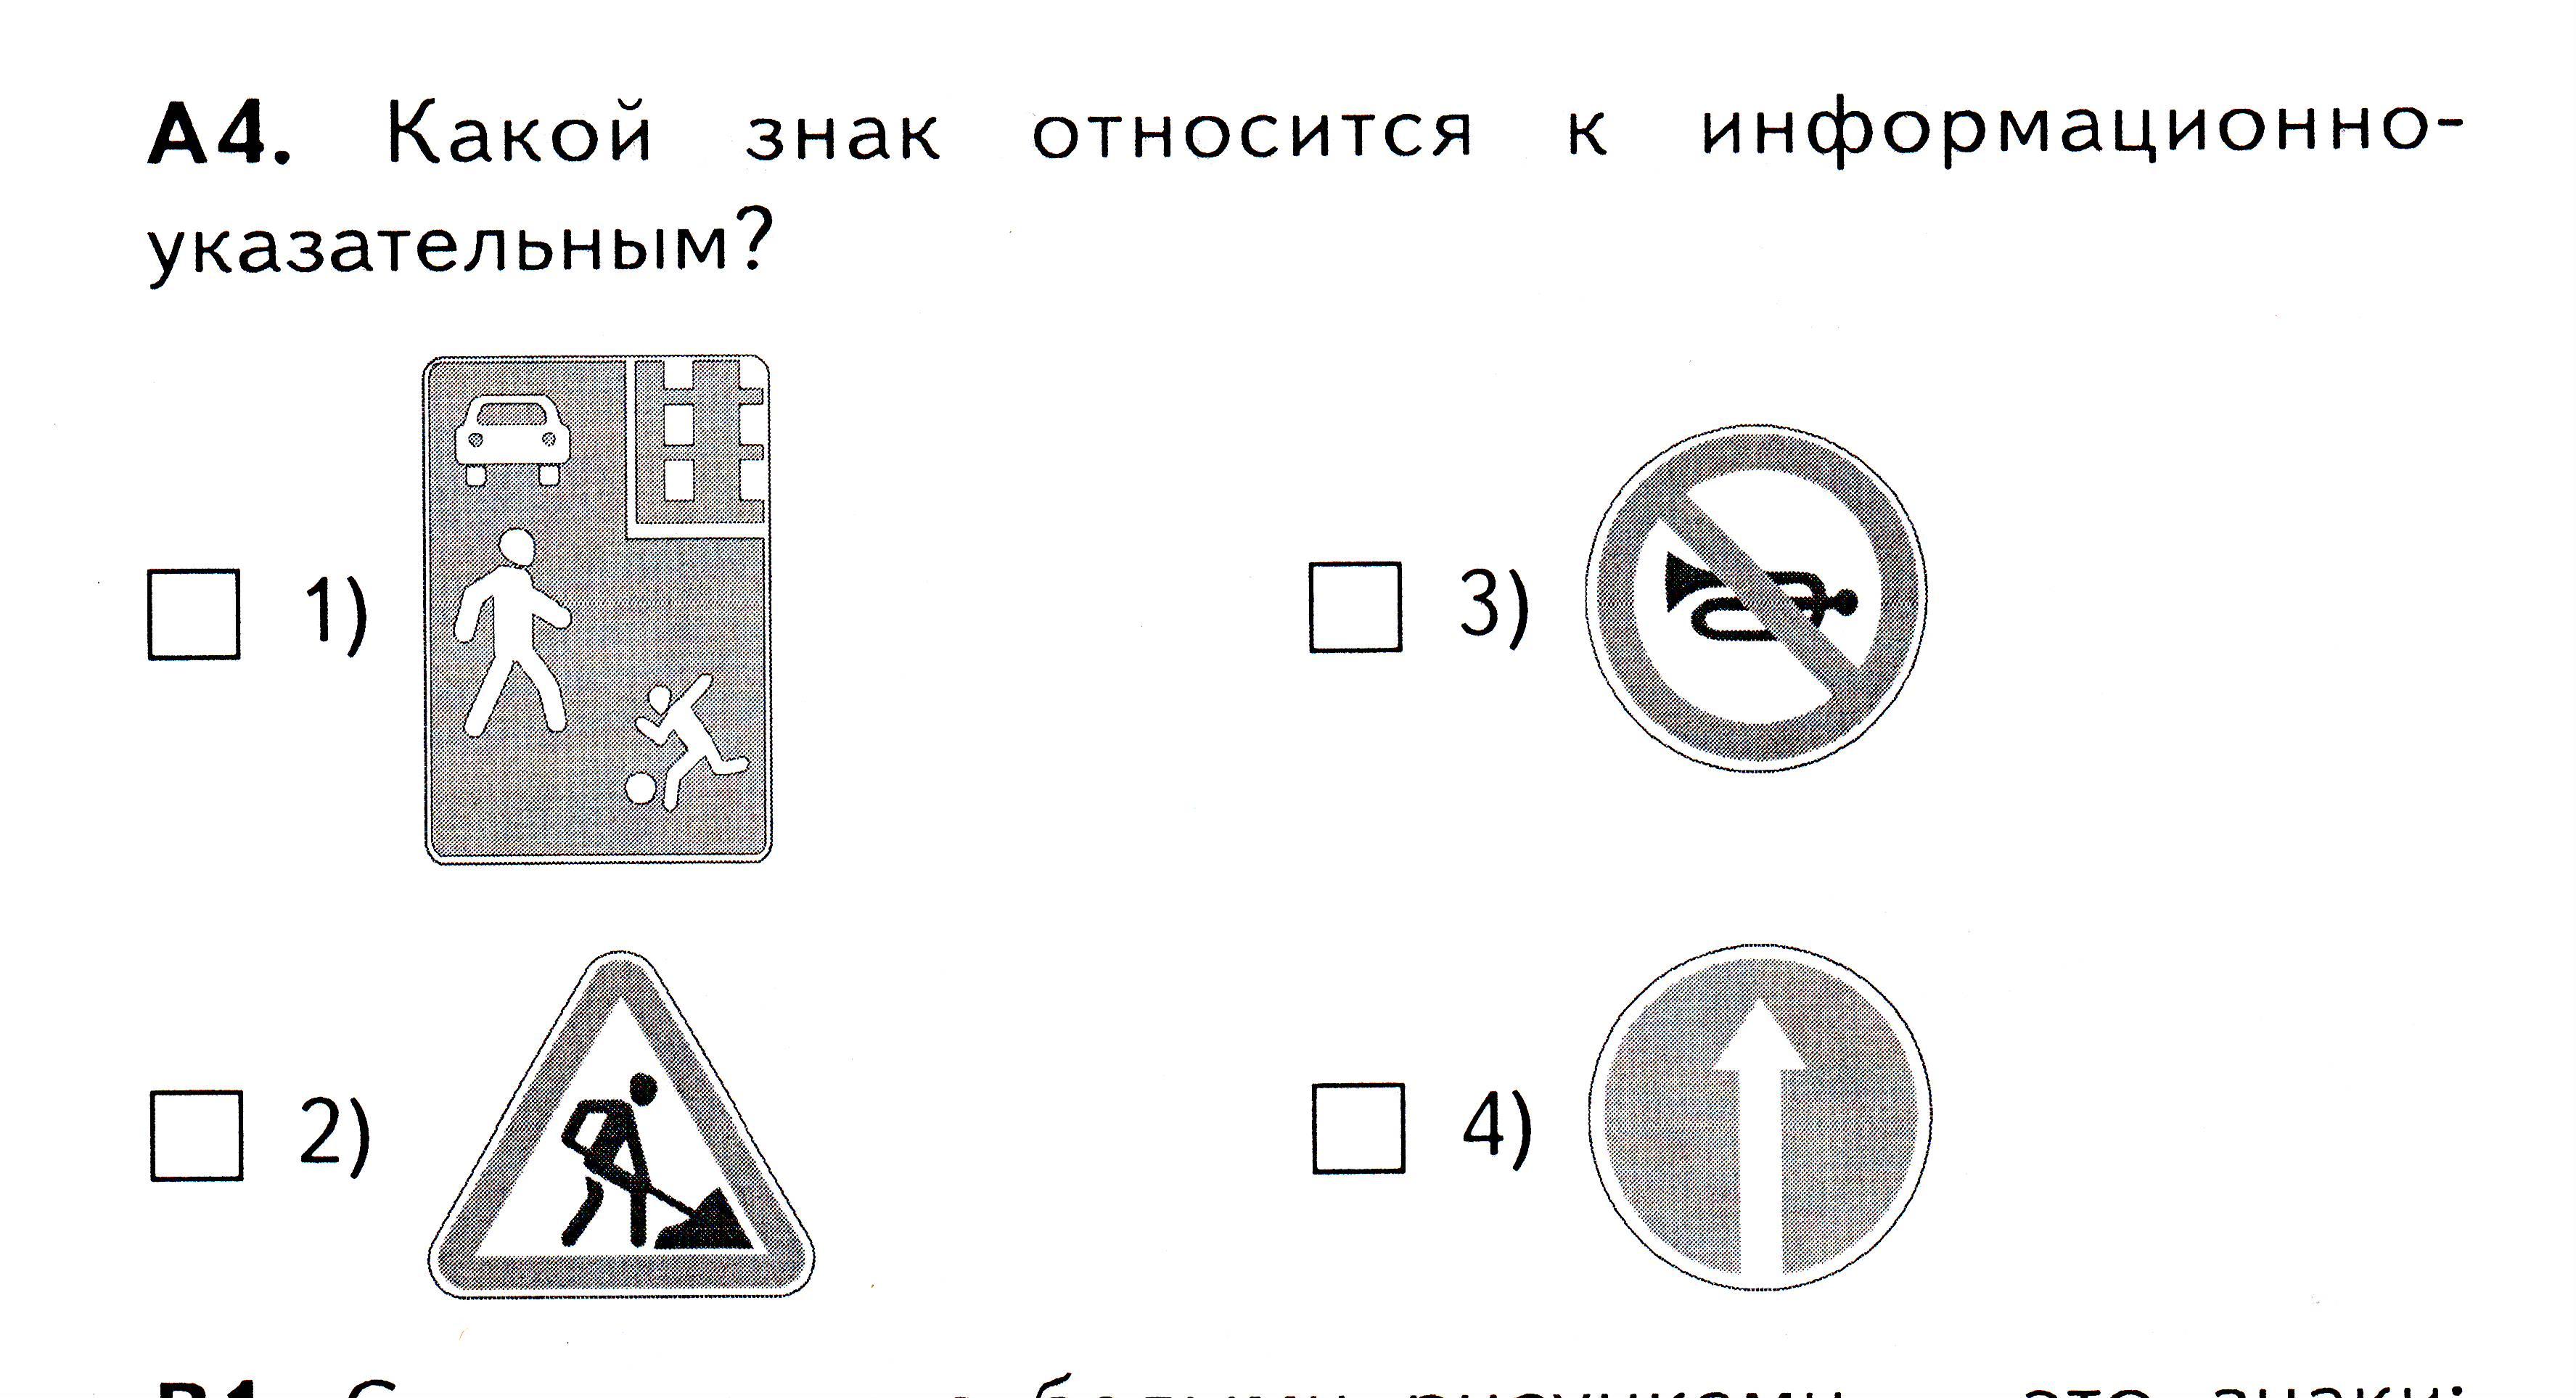 знаки дорожного движения картинки тесты рецептов